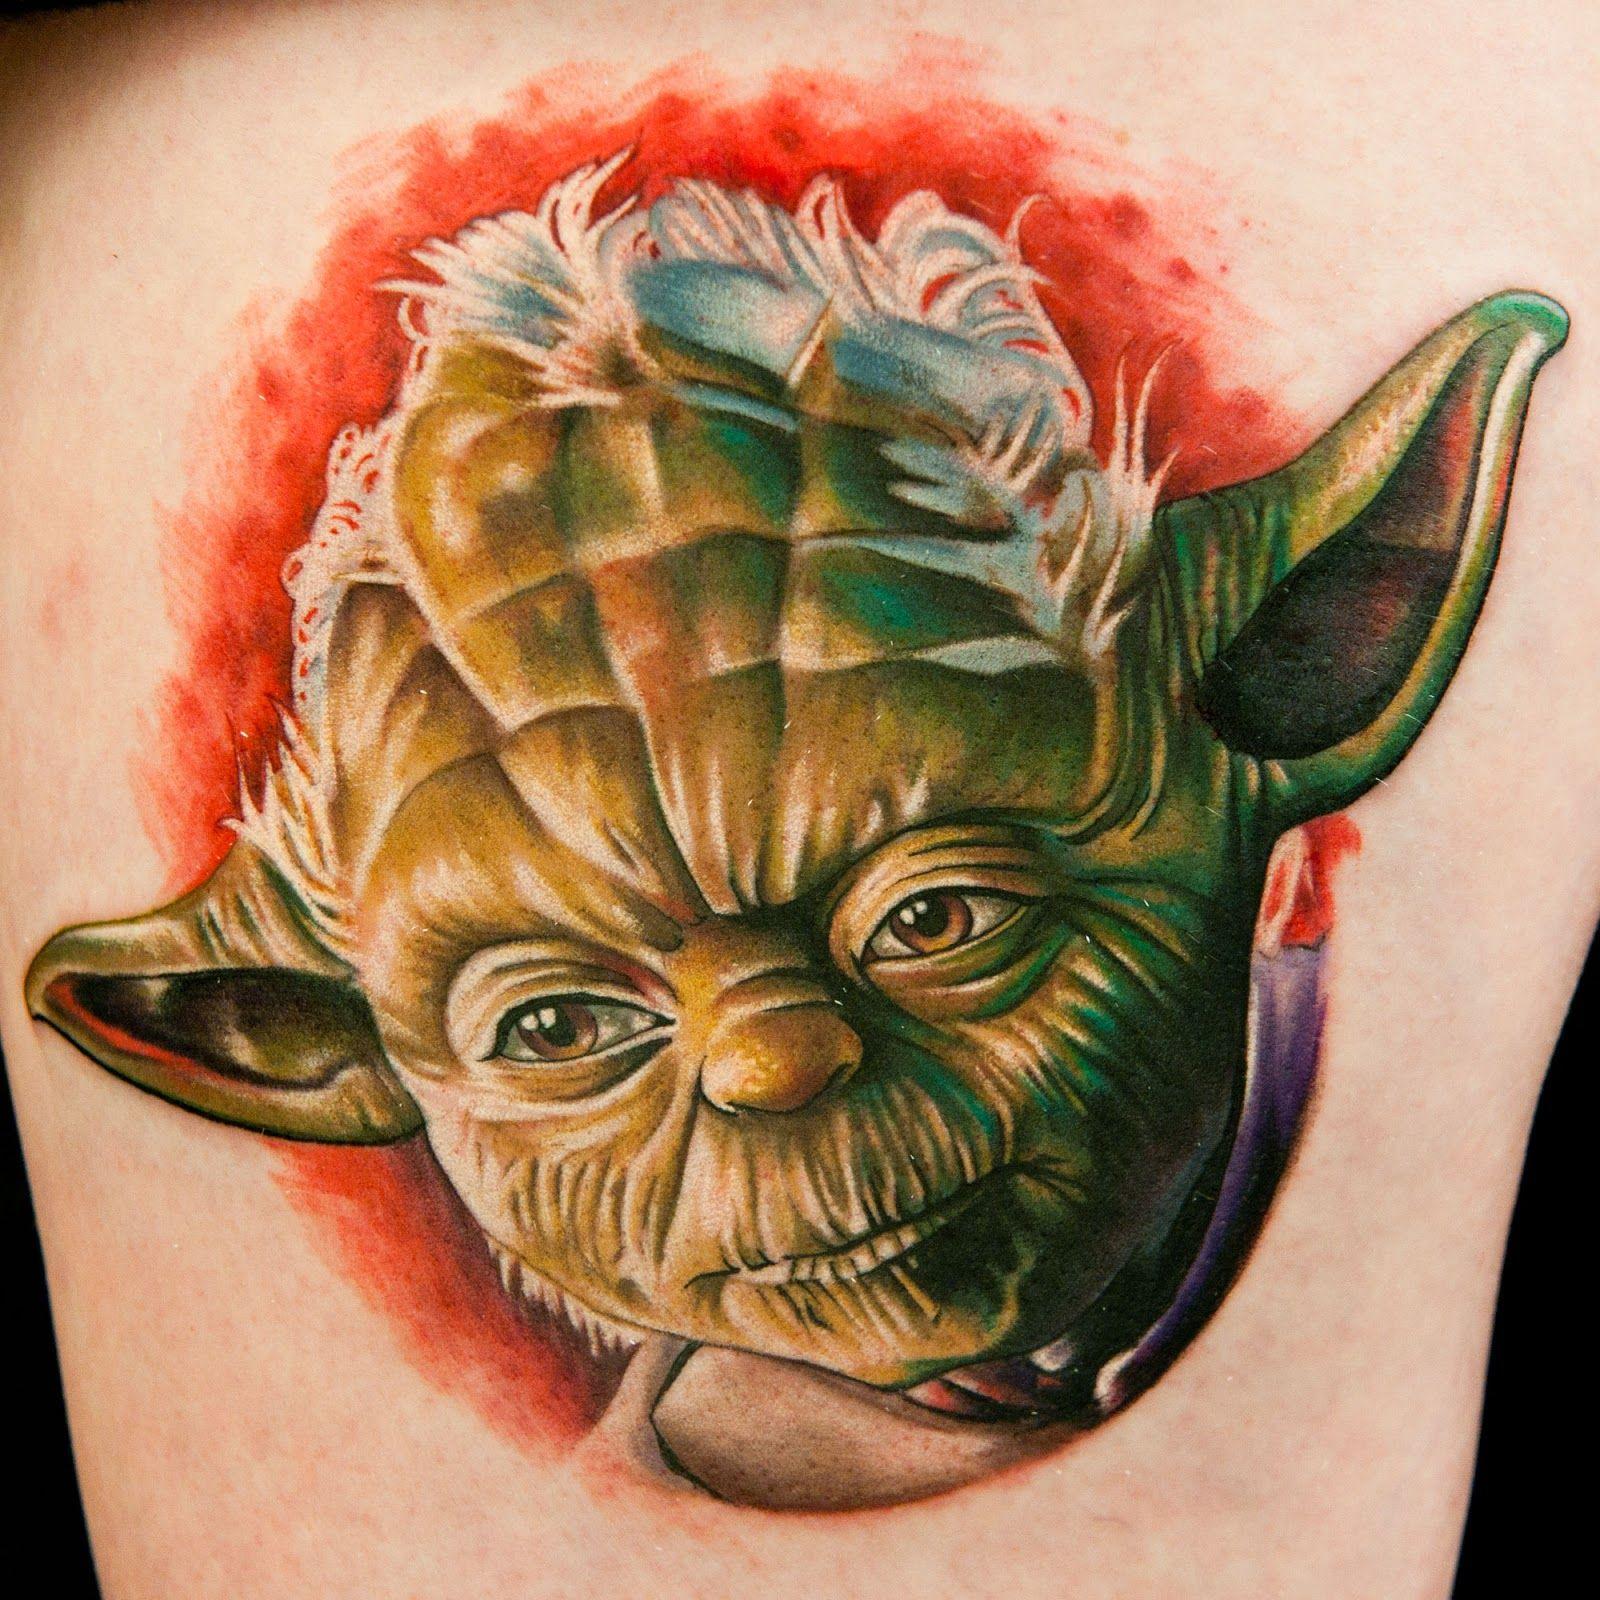 Tatu Baby Yoda Ink Master Tattoos Star Wars Tattoo Star Wars